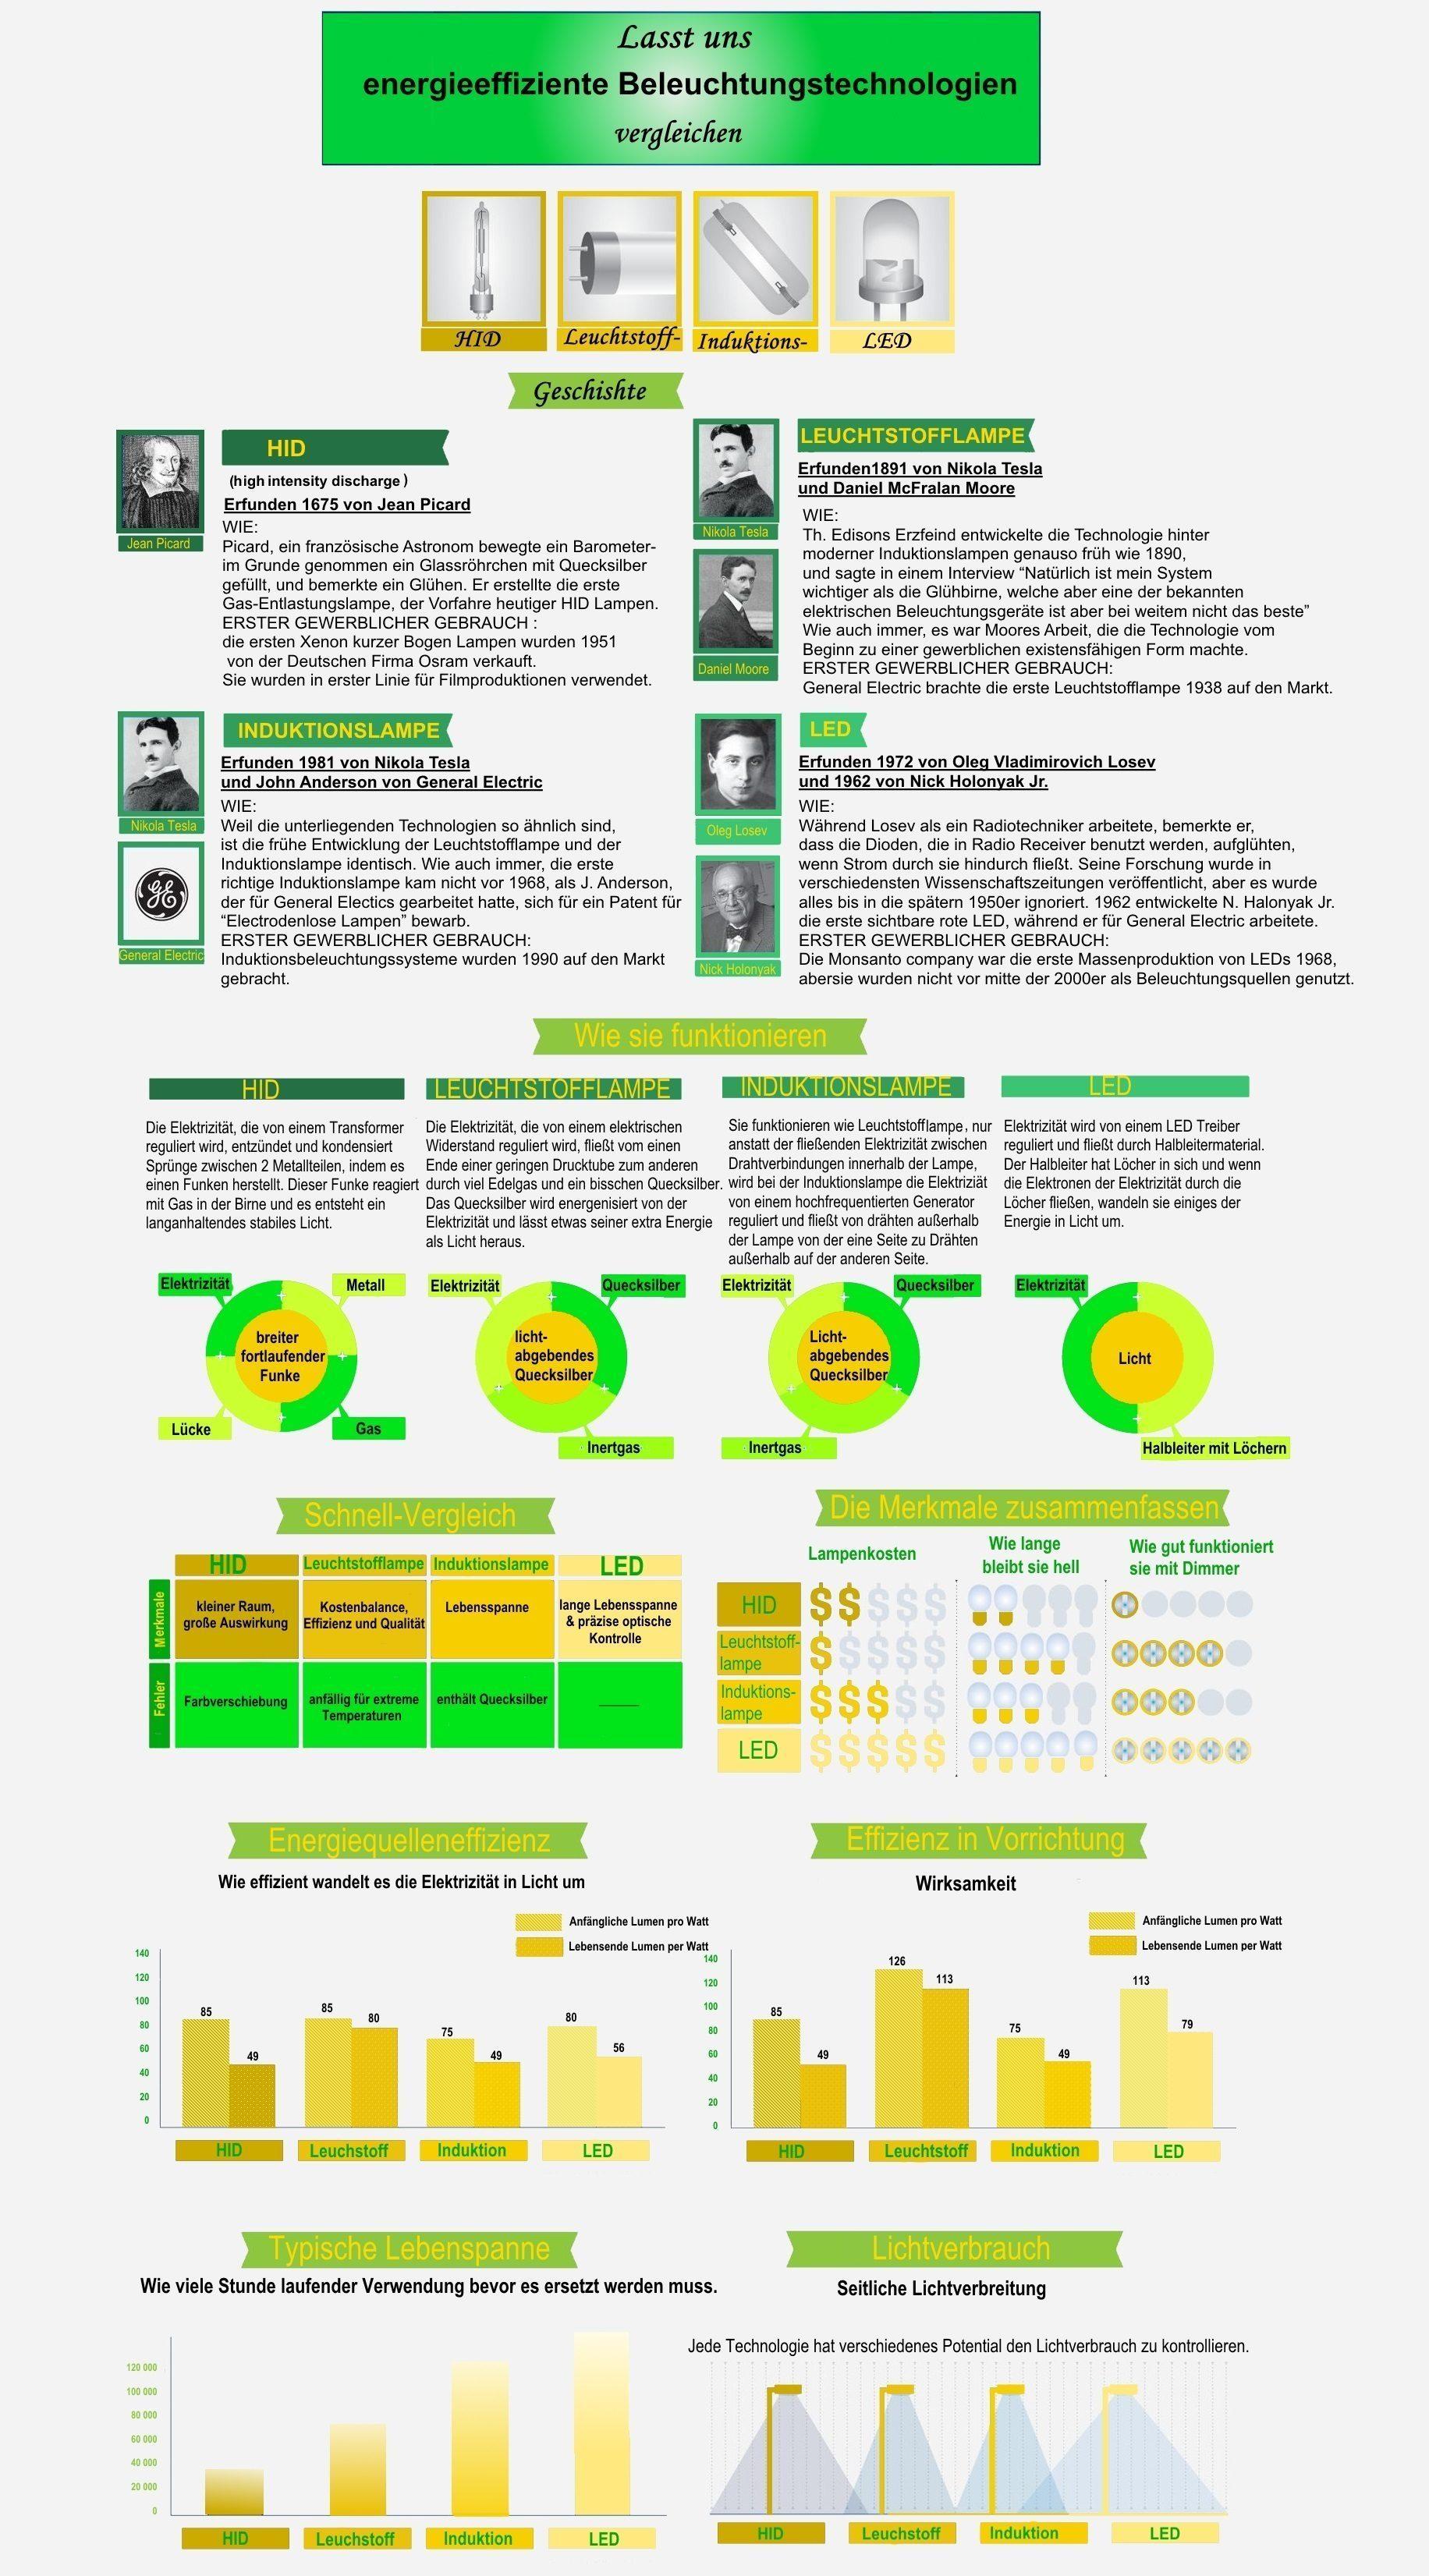 beleuchtungstechnologie-vergleichen-infografik